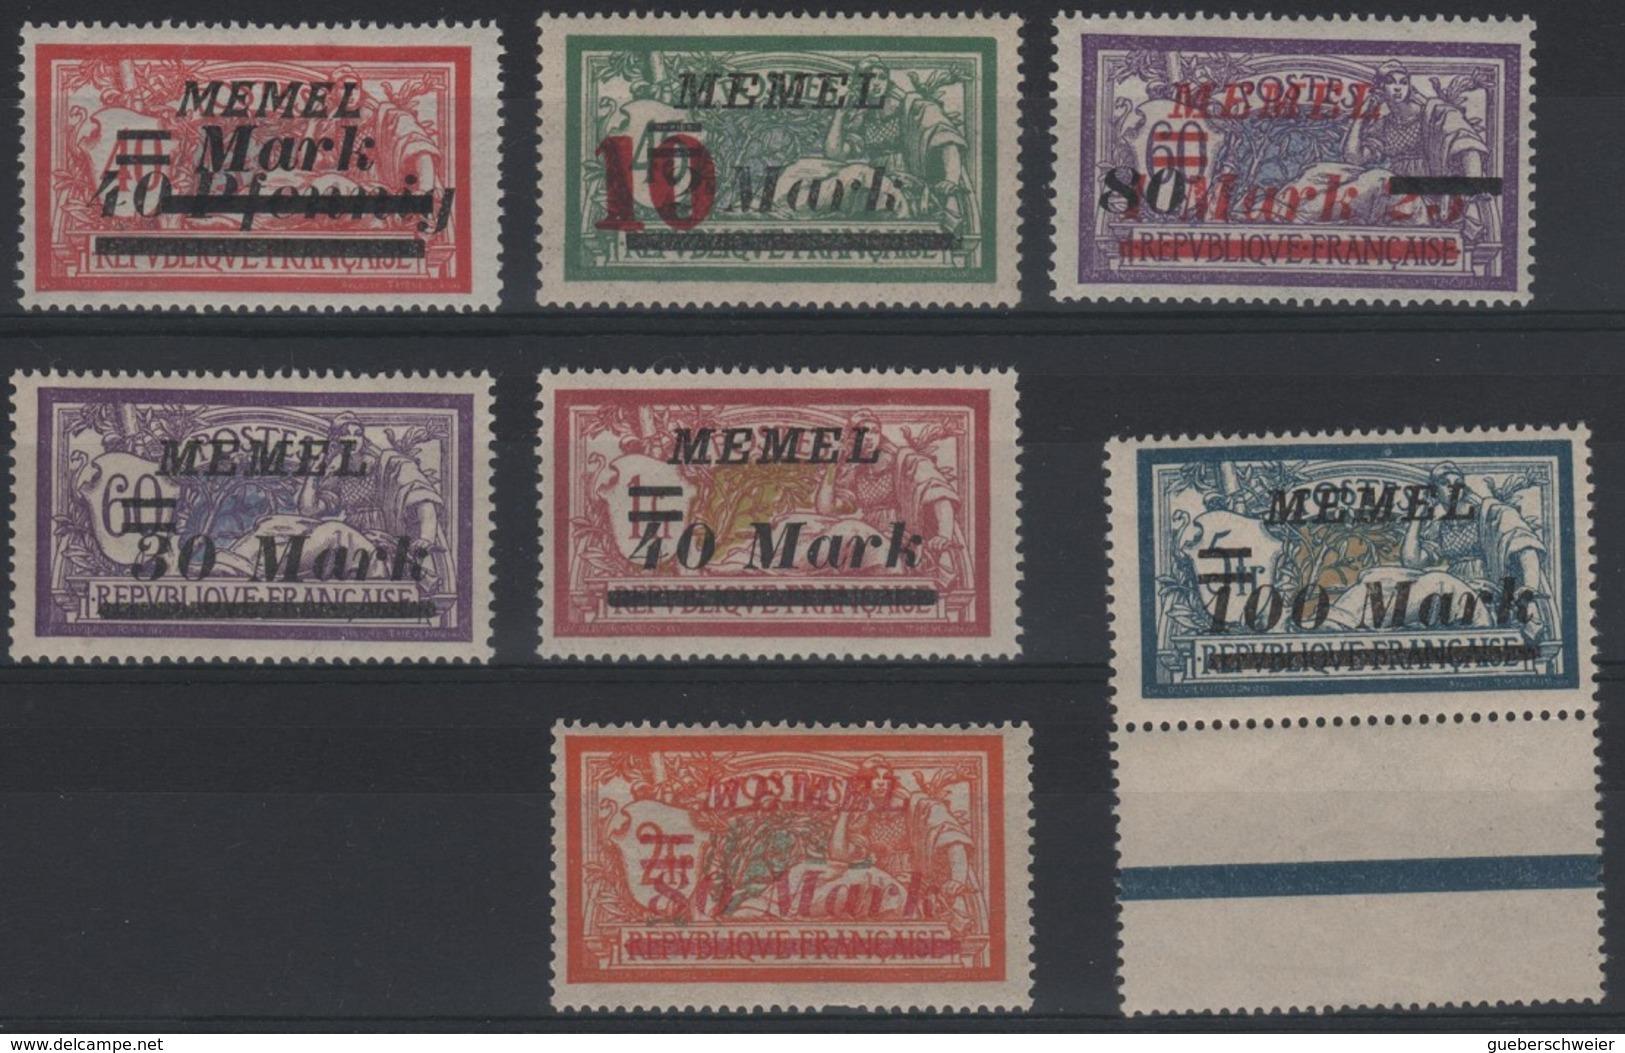 MEM80 - MEMEL Merson N° 82-84-85 + 91/94 Neuf** - Memel (1920-1924)